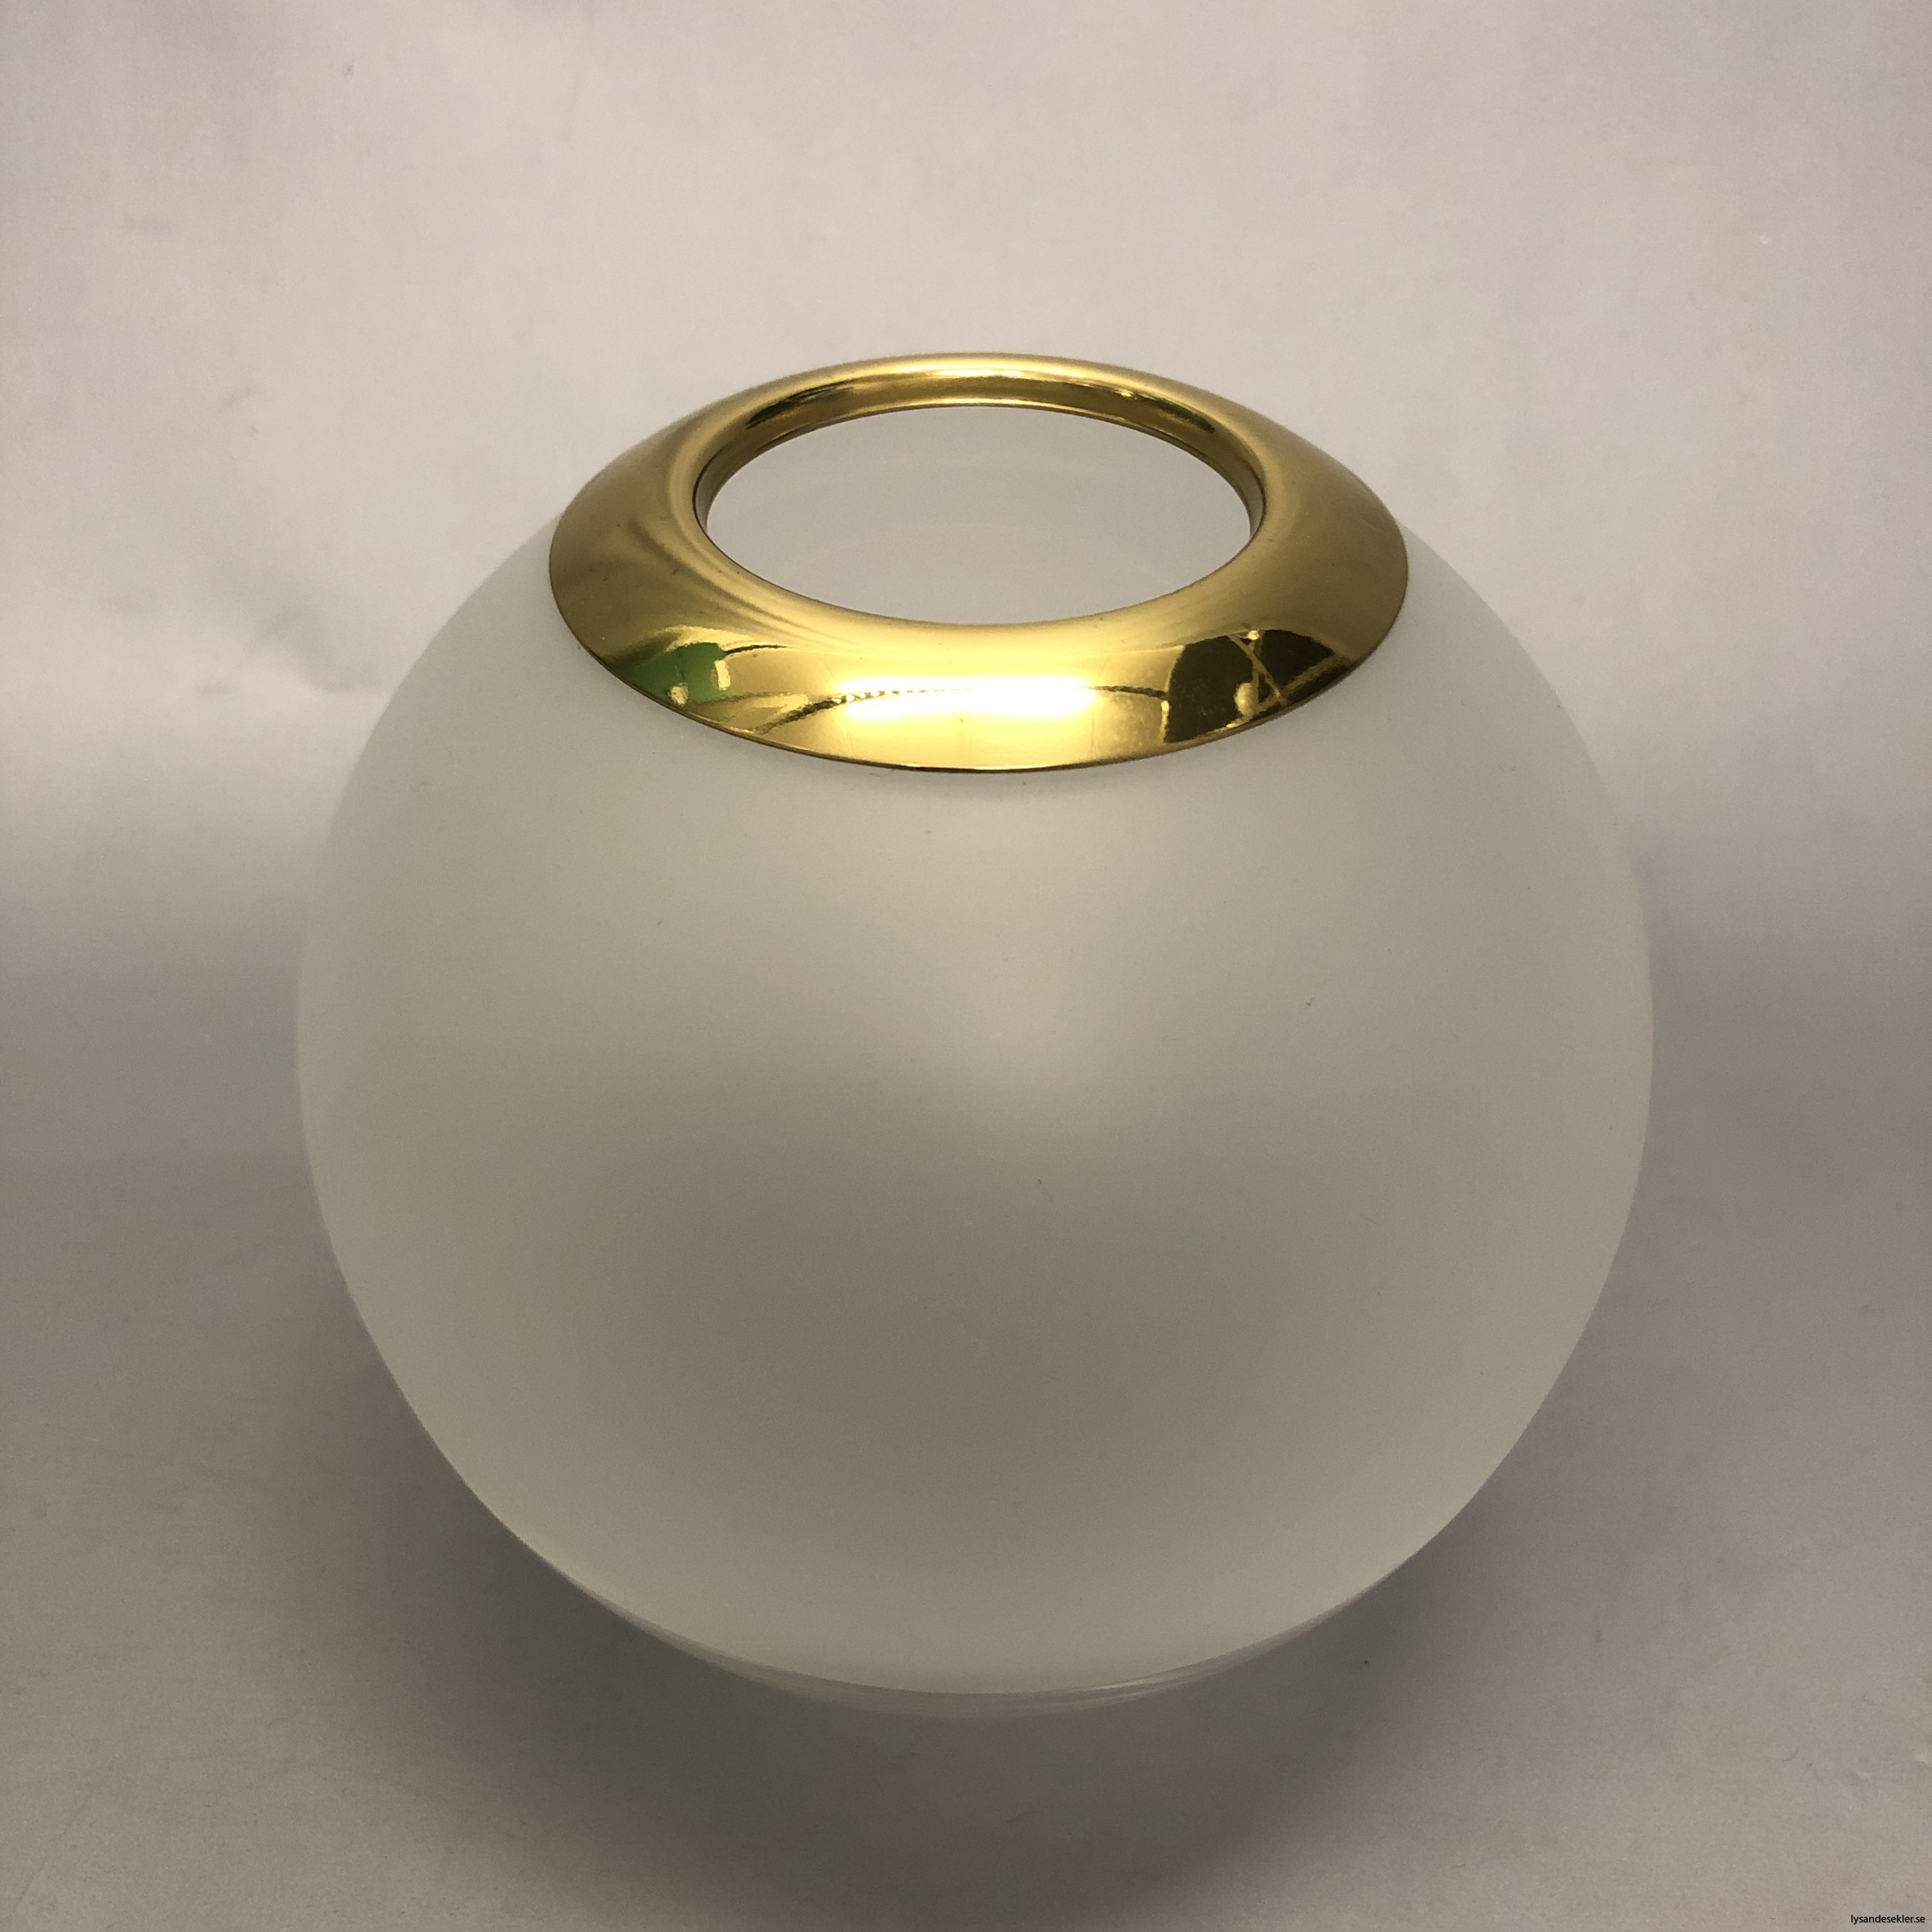 135 mm klotkupa med mässinstopp halvfrostad fotogenlampskupa5